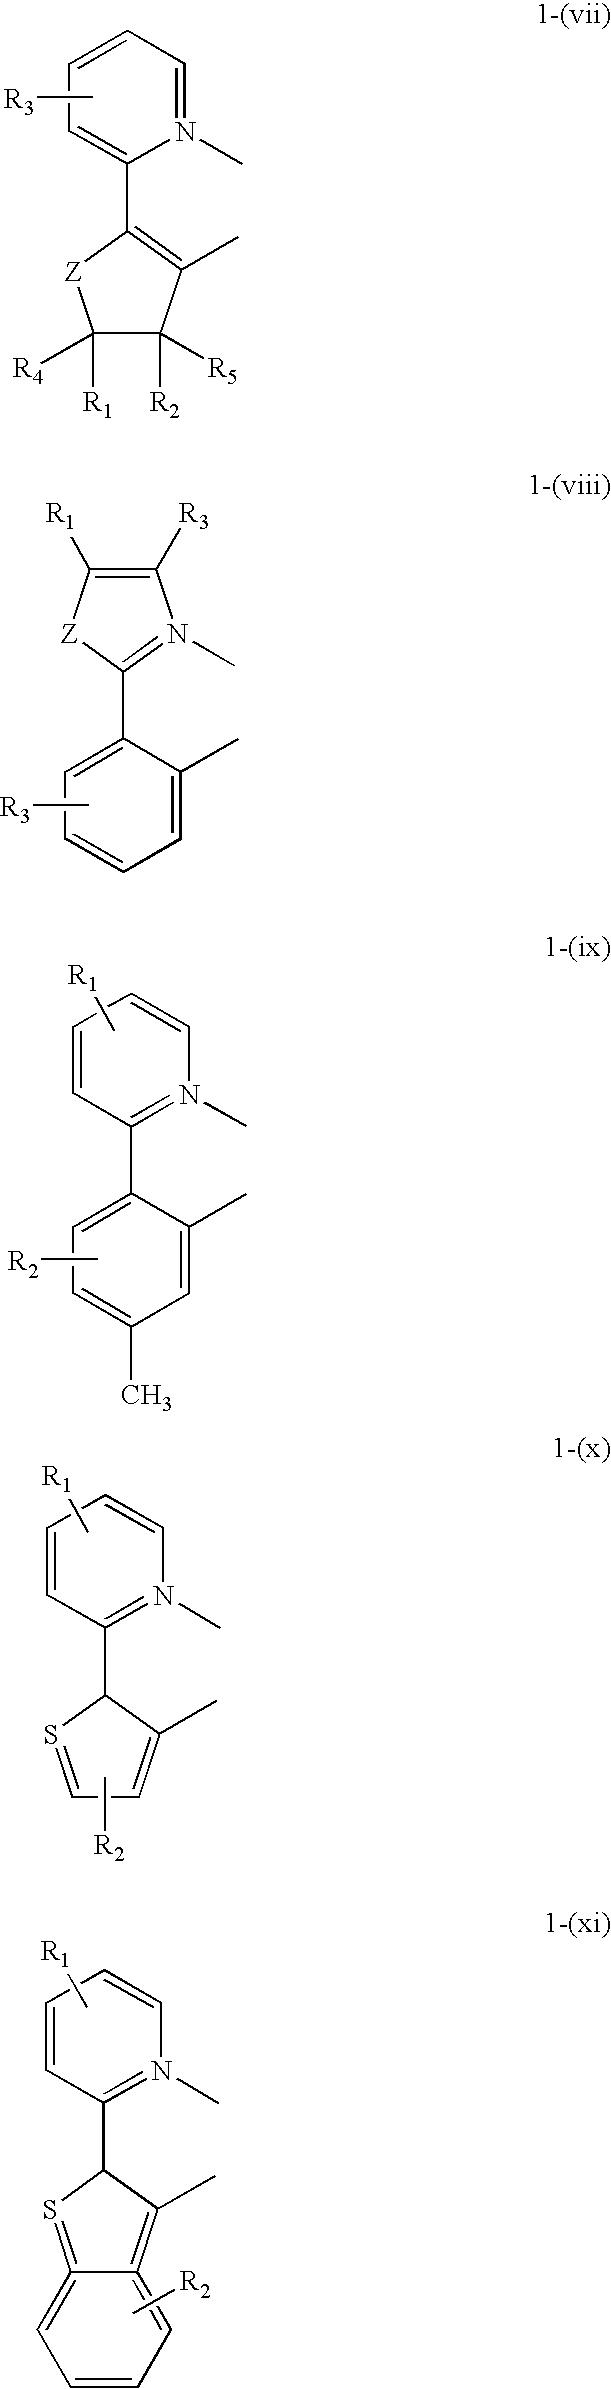 Figure US20060177695A1-20060810-C00033